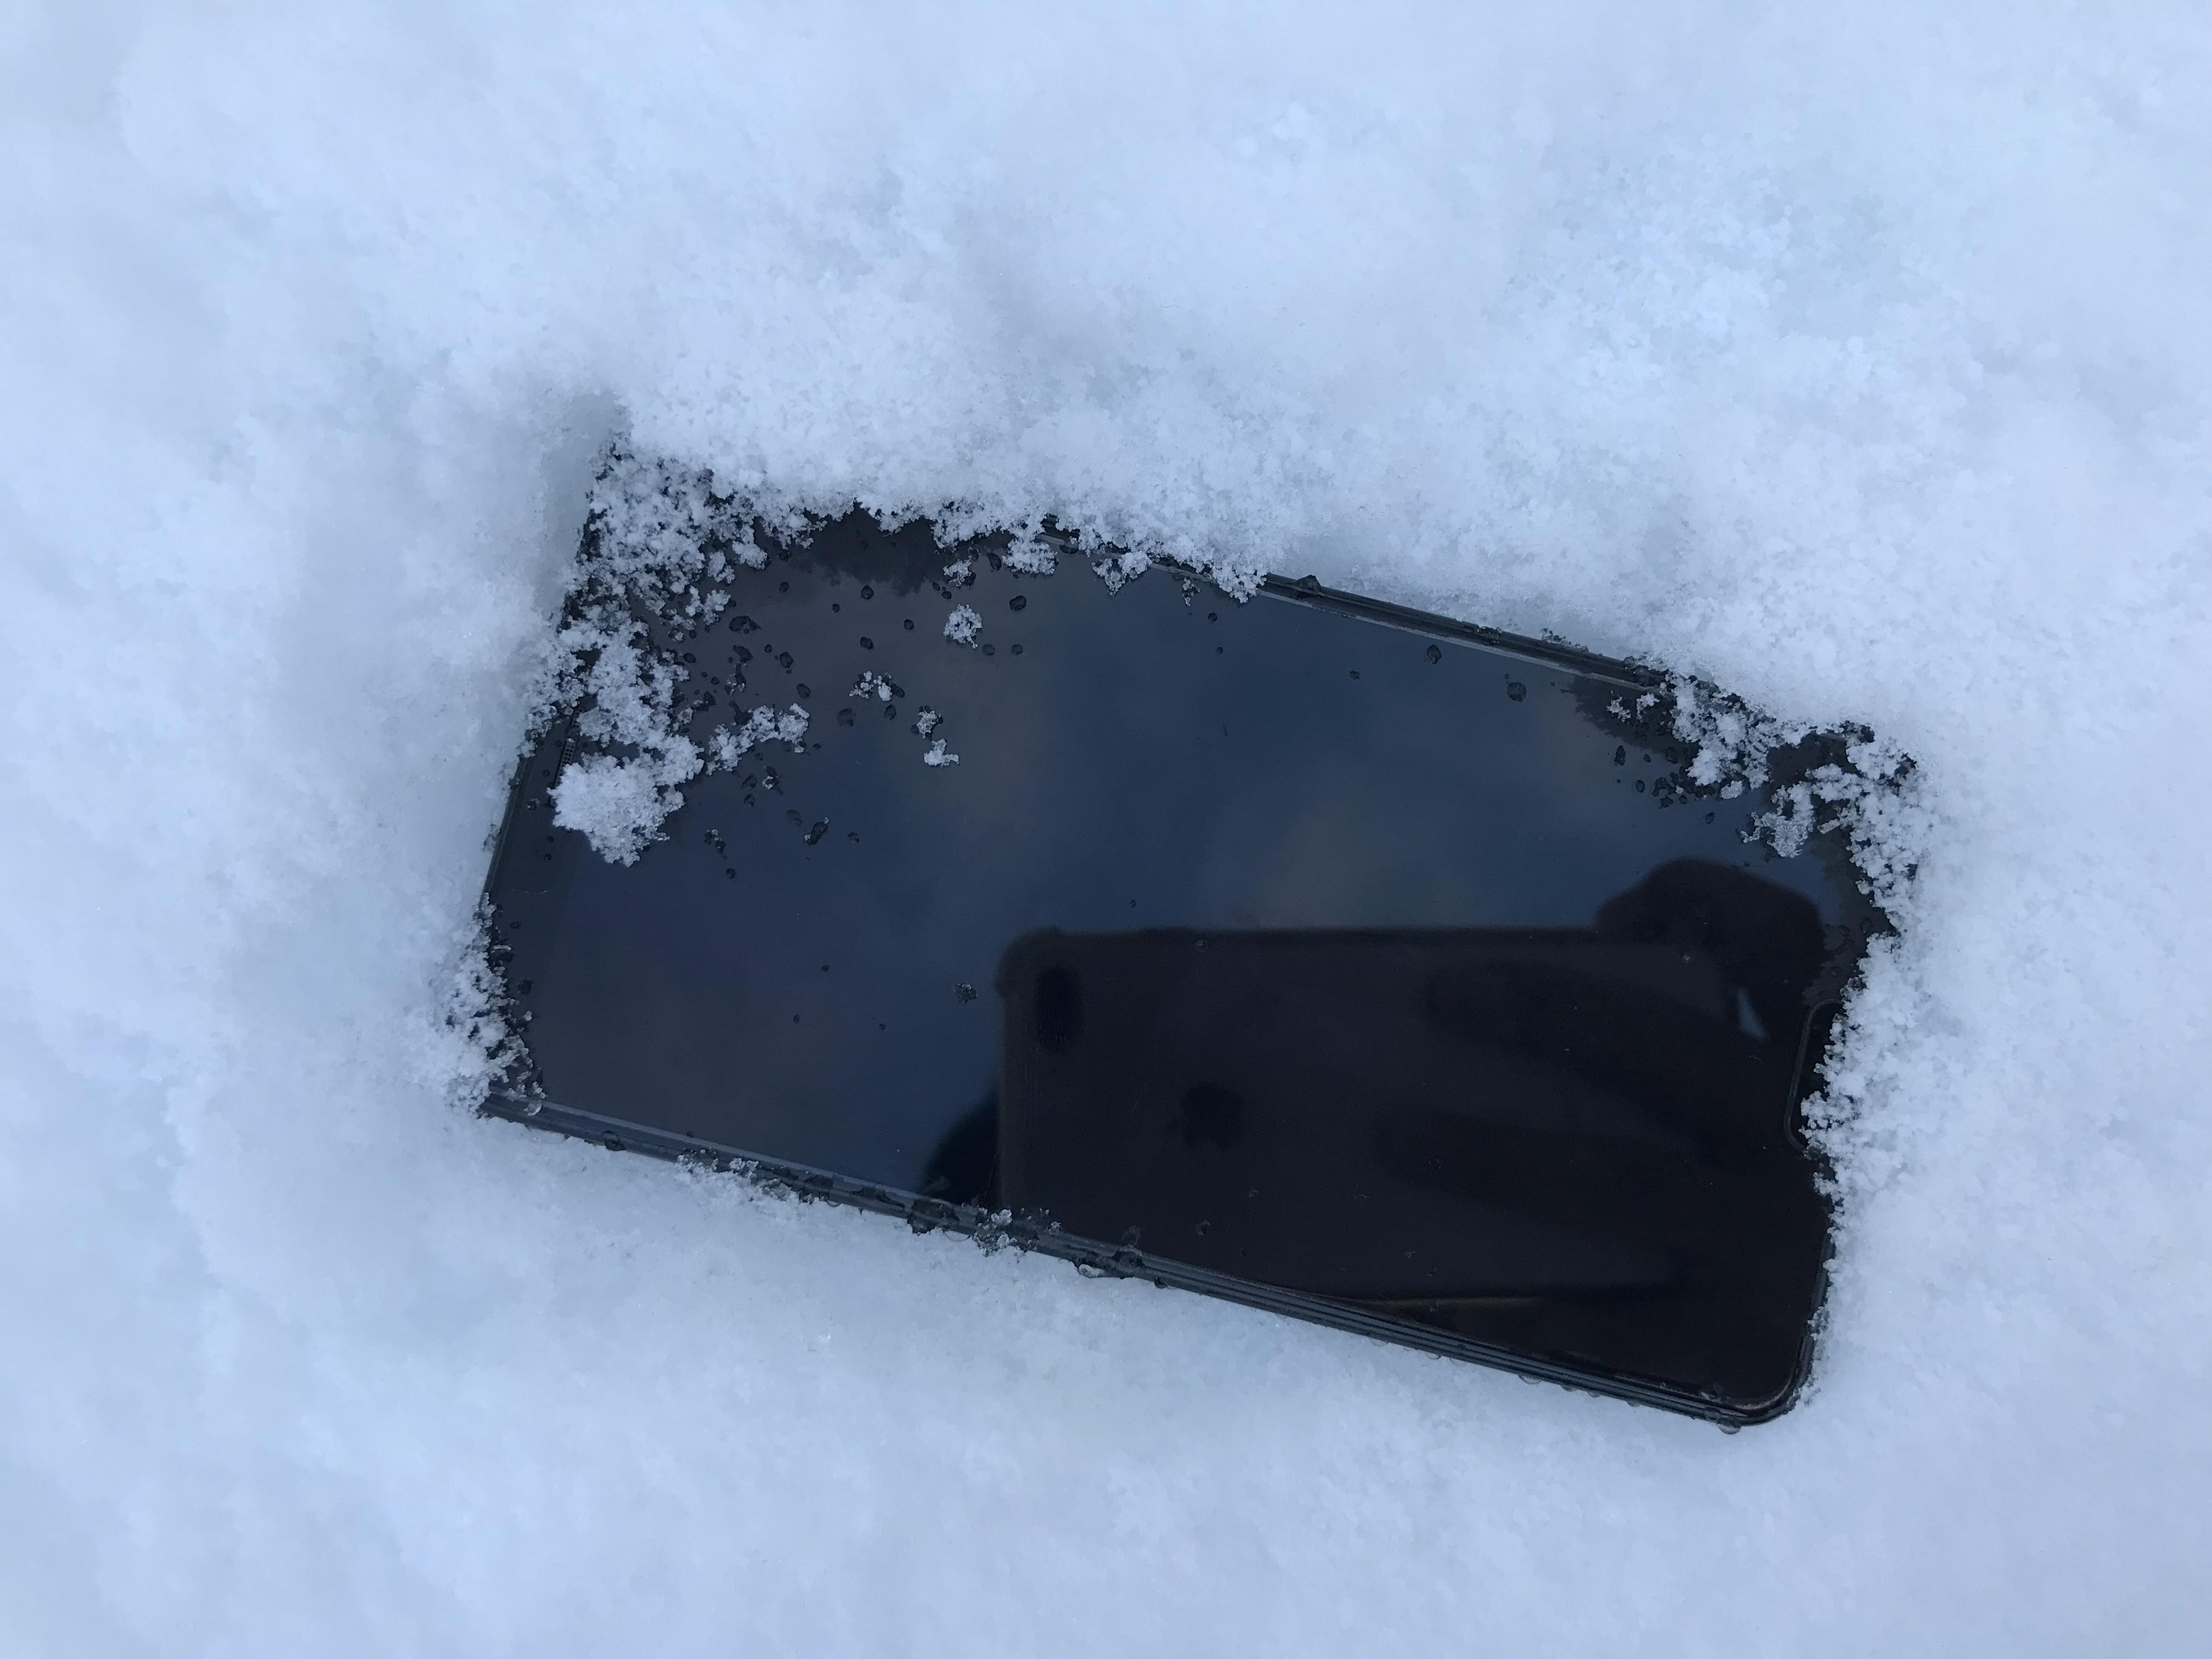 达沃斯突逢大雪手机遭殃 这款手机竟没受影响